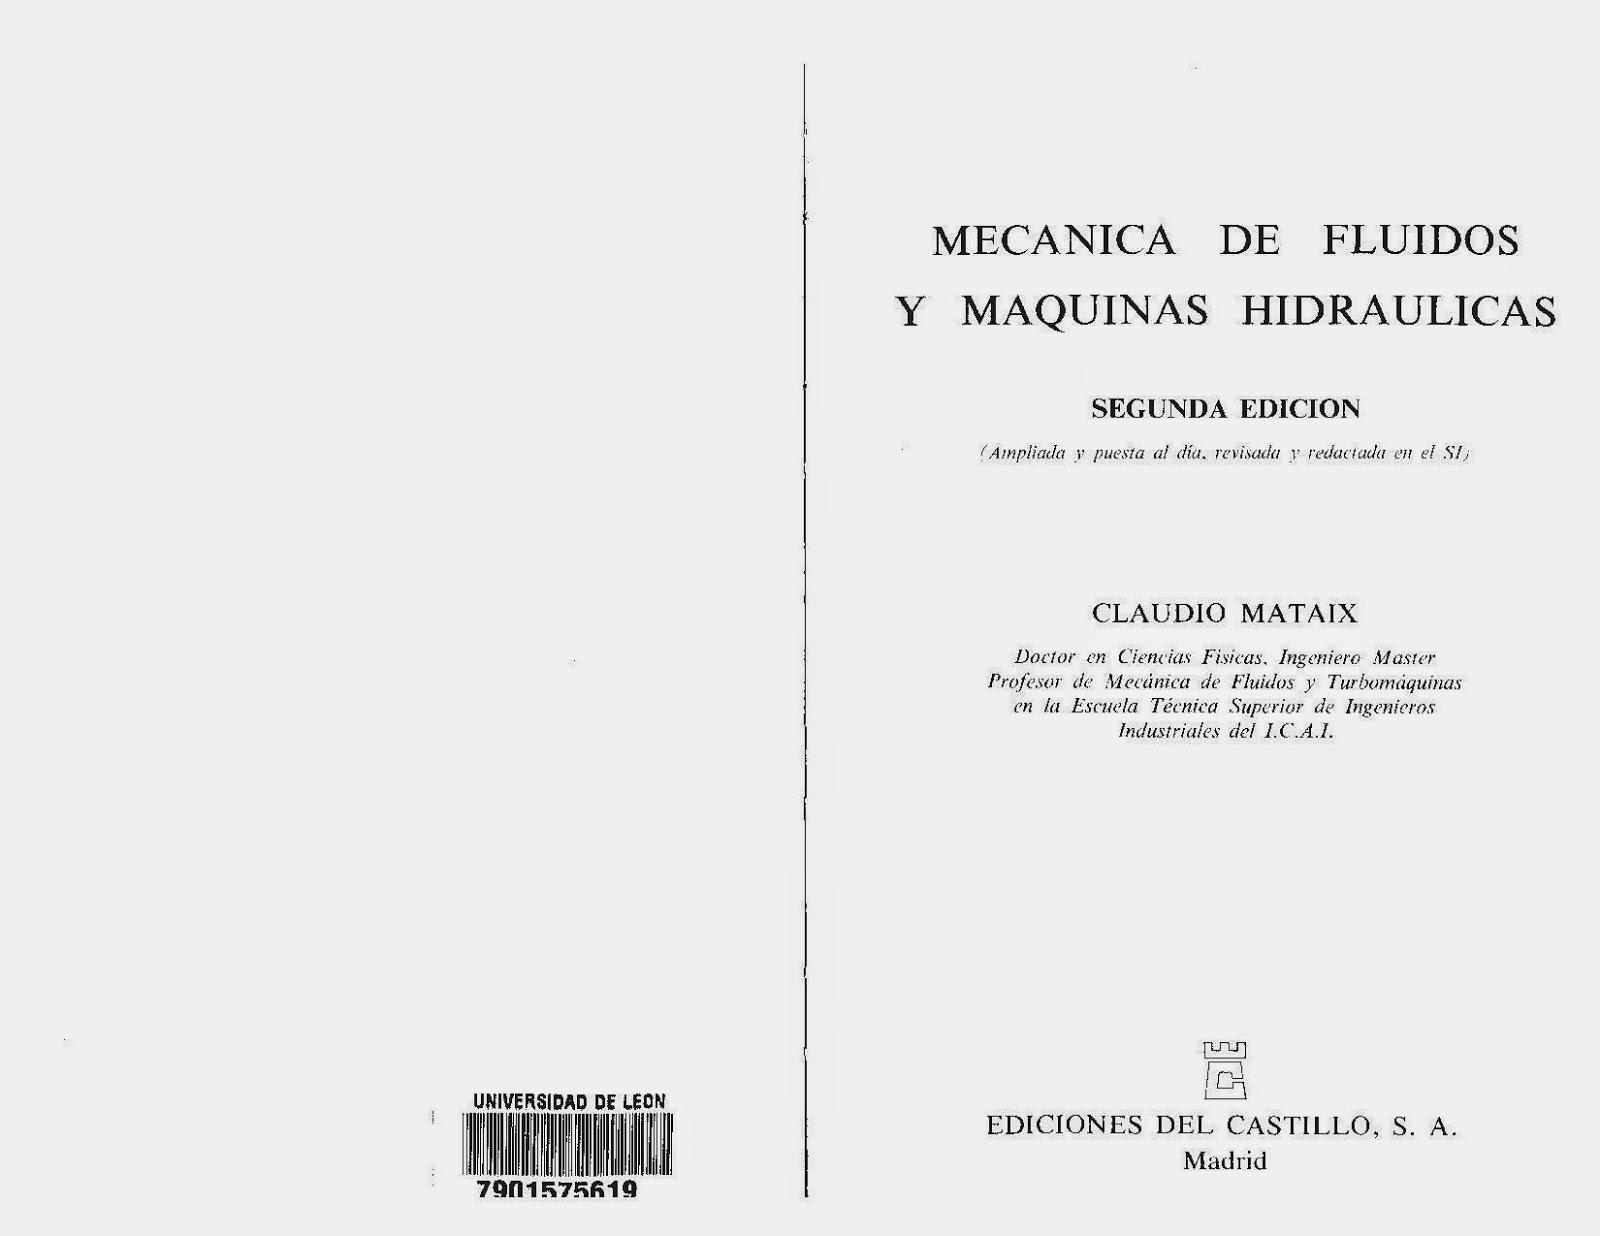 Libros Del Pobre Mecanica De Fluidos Y Máquinas Hidráulicas Claudio Mataix